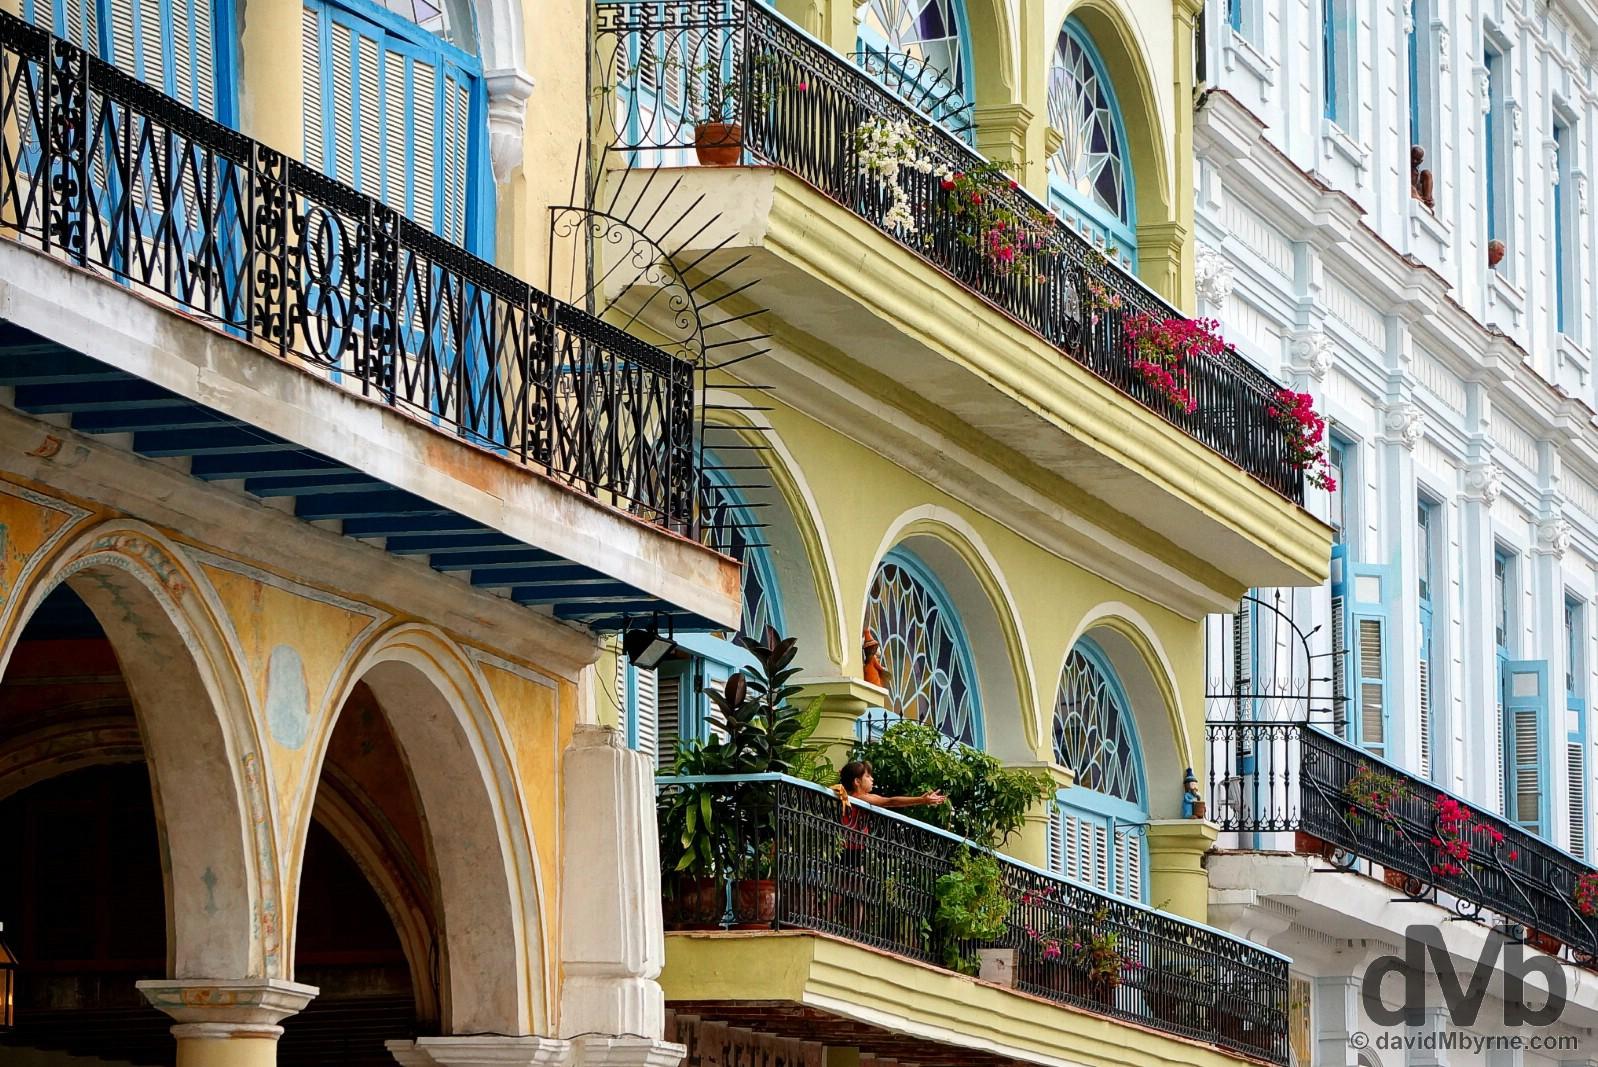 Restored buildings overlooking Plaza Vieja in Habana Vieja/Old Havana, Havana, Cuba. April 30, 2015.